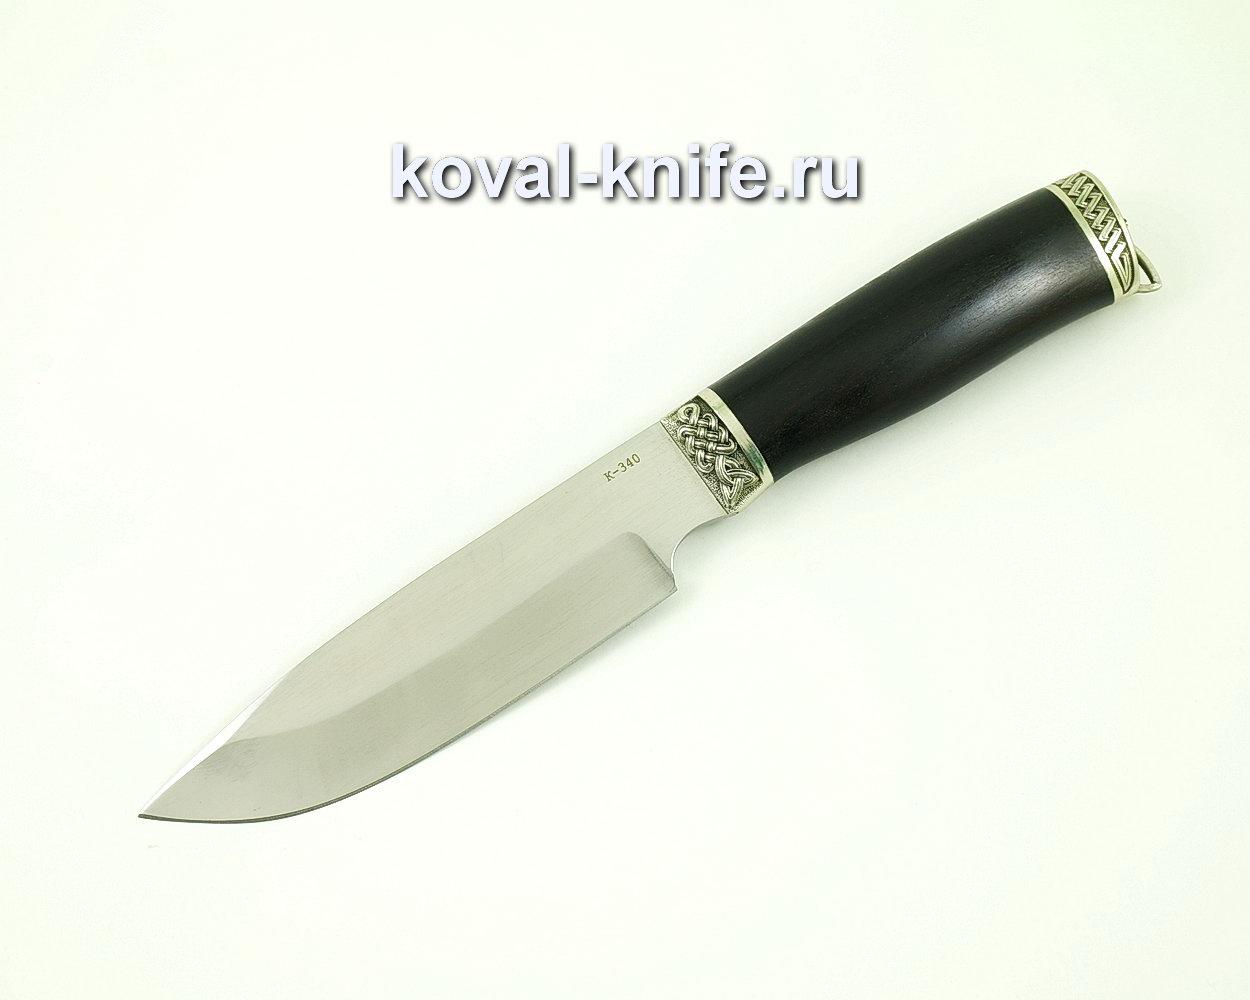 Нож Бигзод из стали K340 (Bohler K340, Рукоять граб)